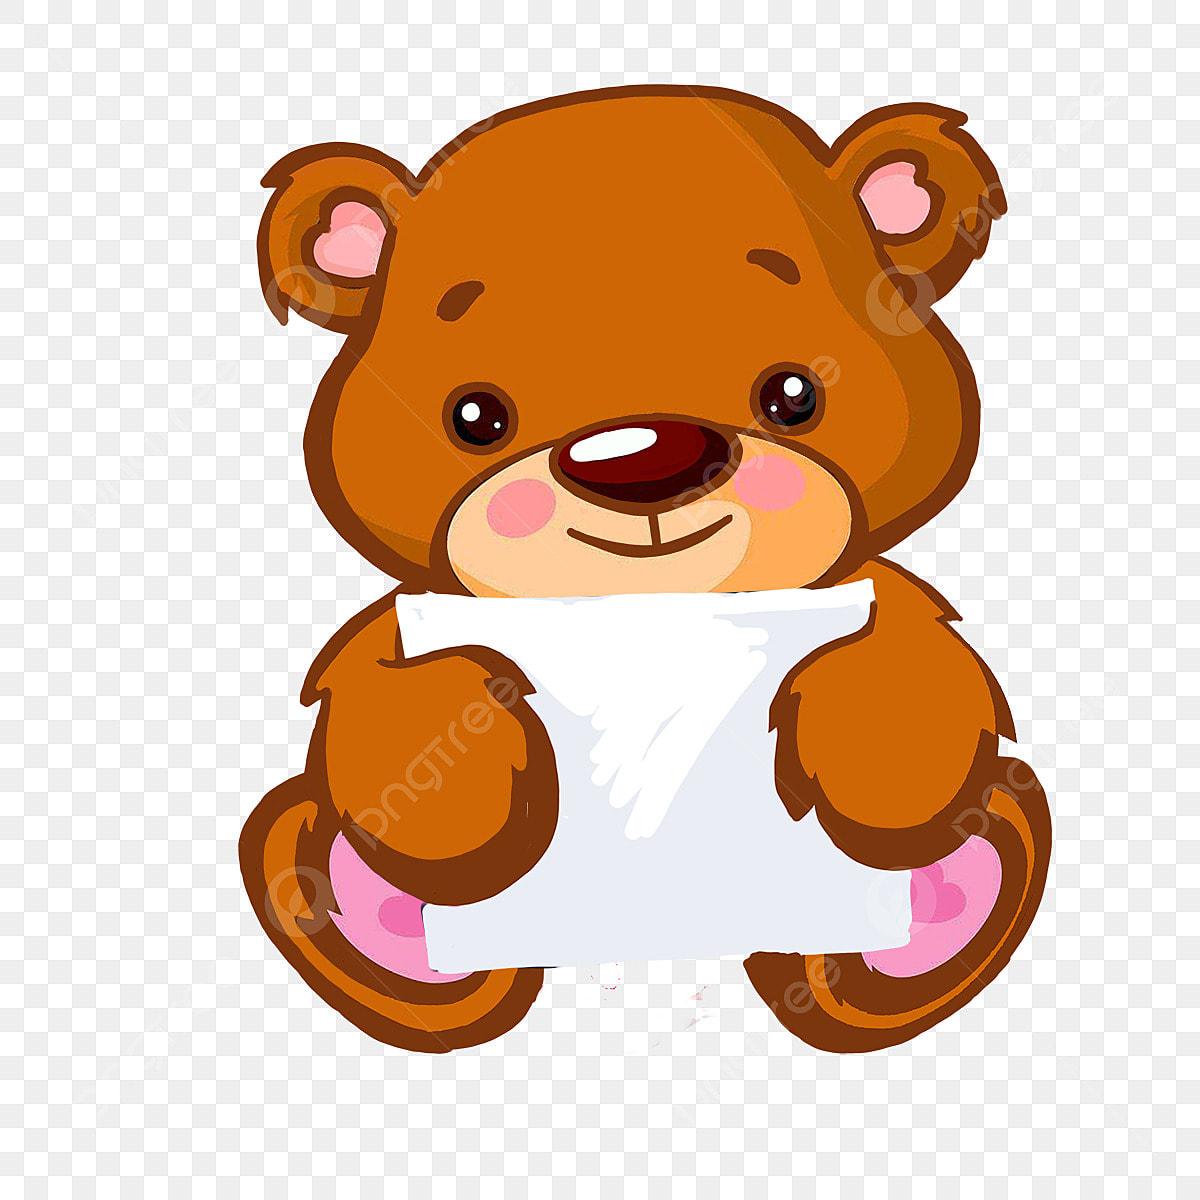 L Ours Avec La Planche A Dessin Planche A Dessin Ours Animal Fichier Png Et Psd Pour Le Telechargement Libre